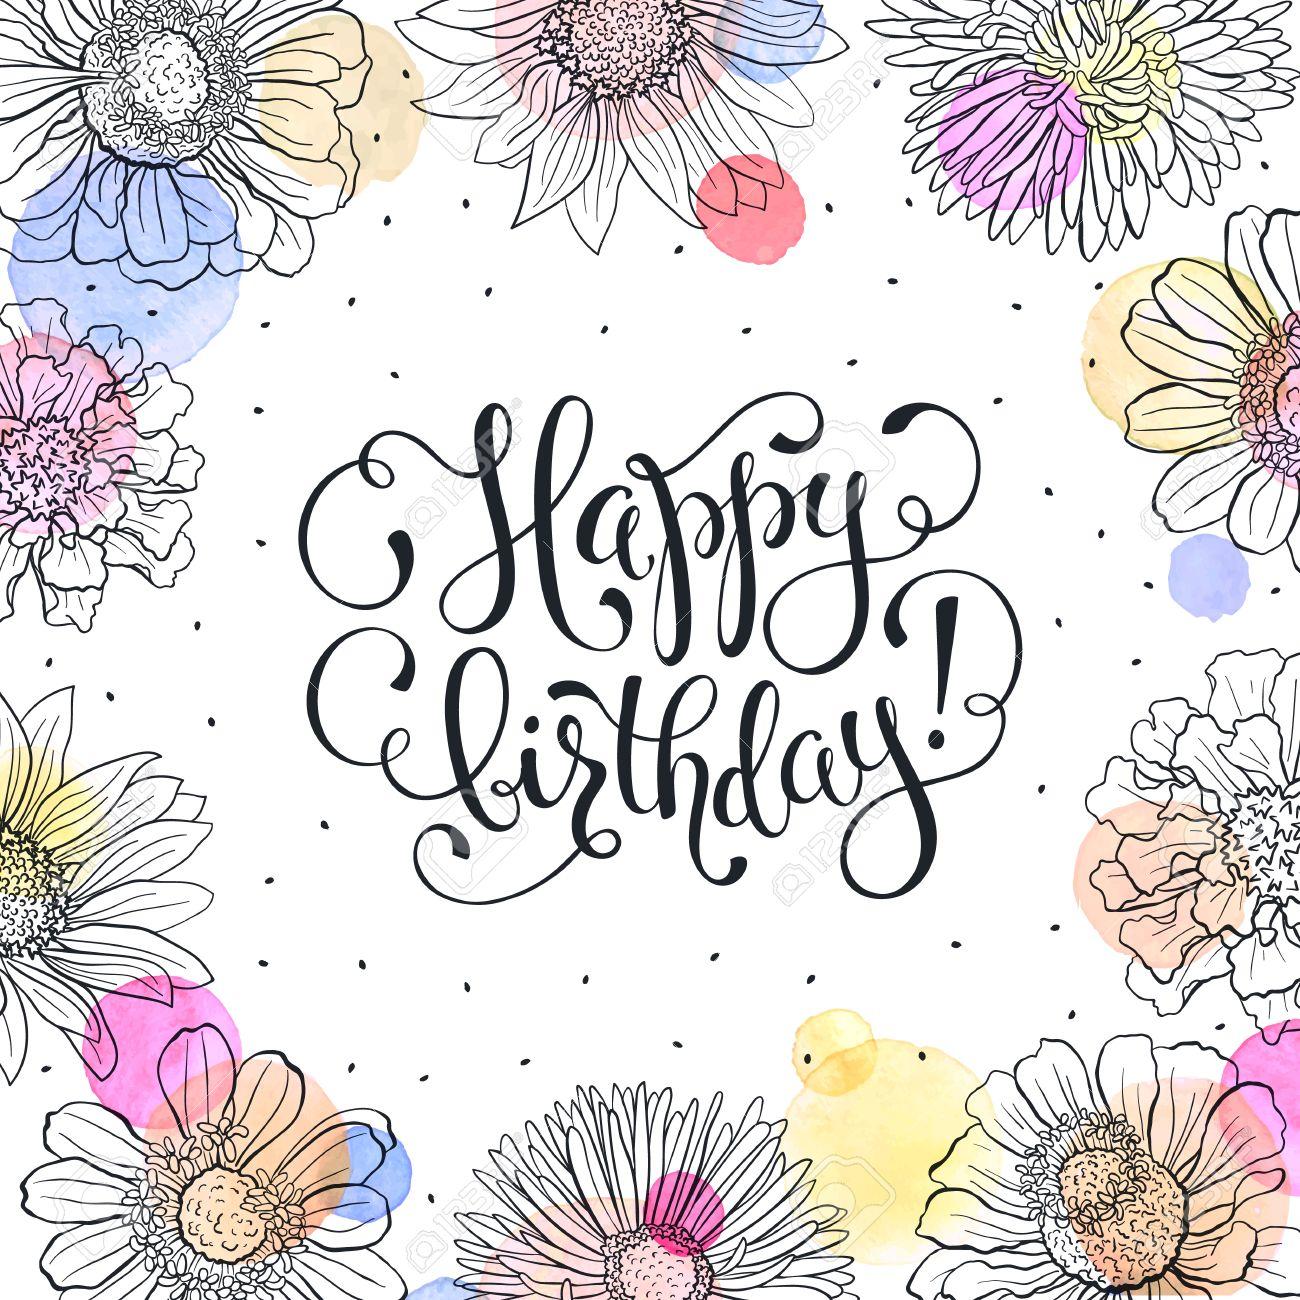 Alles Gute Zum Geburtstag Grußkarte. Skizze Blumen Rahmen Mit ...